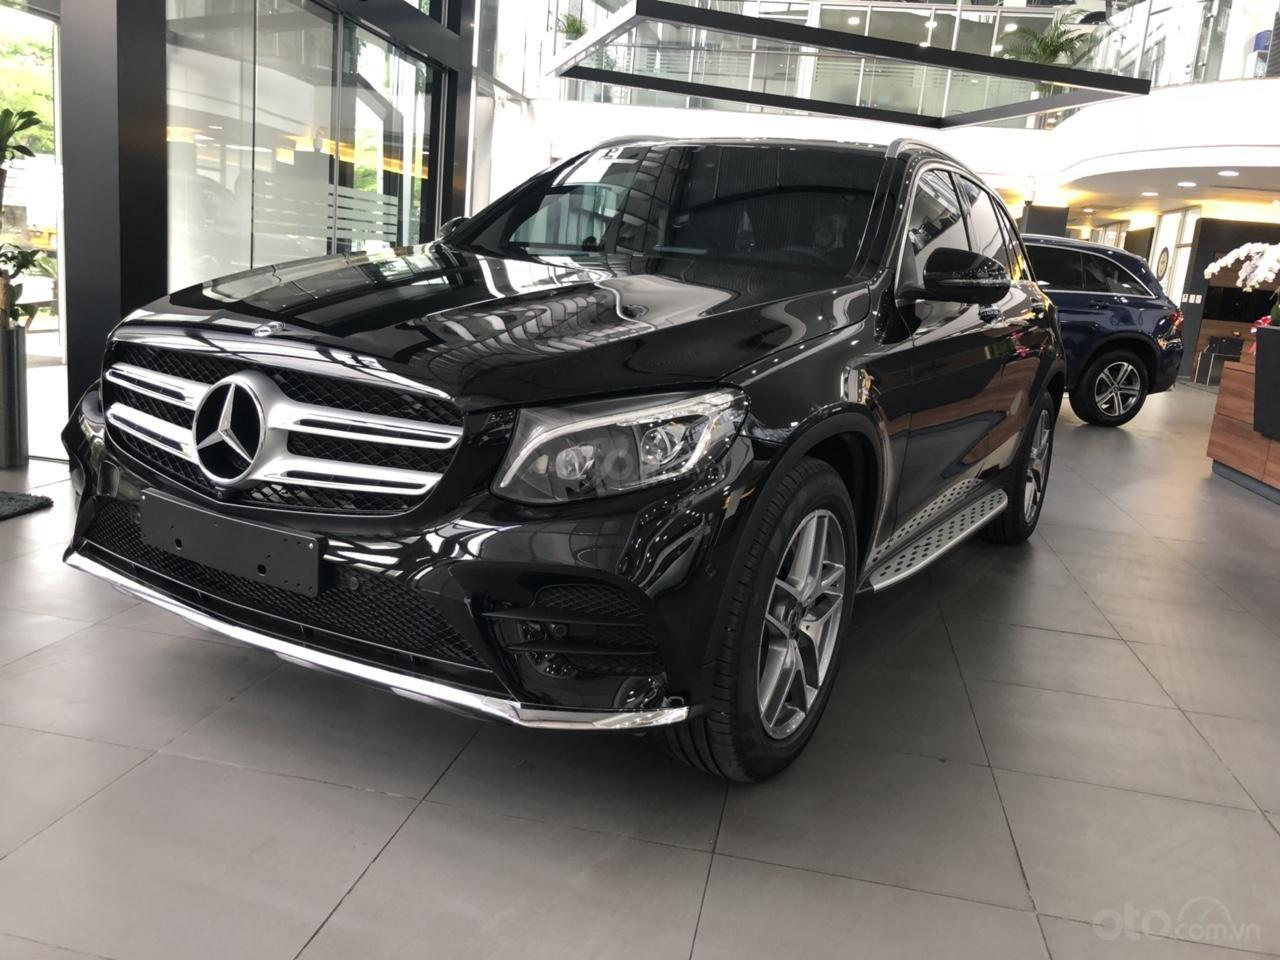 Mercedes GLC300 2019 đủ màu, xe giao ngay, tại Mercedes Phú Mỹ Hưng (1)